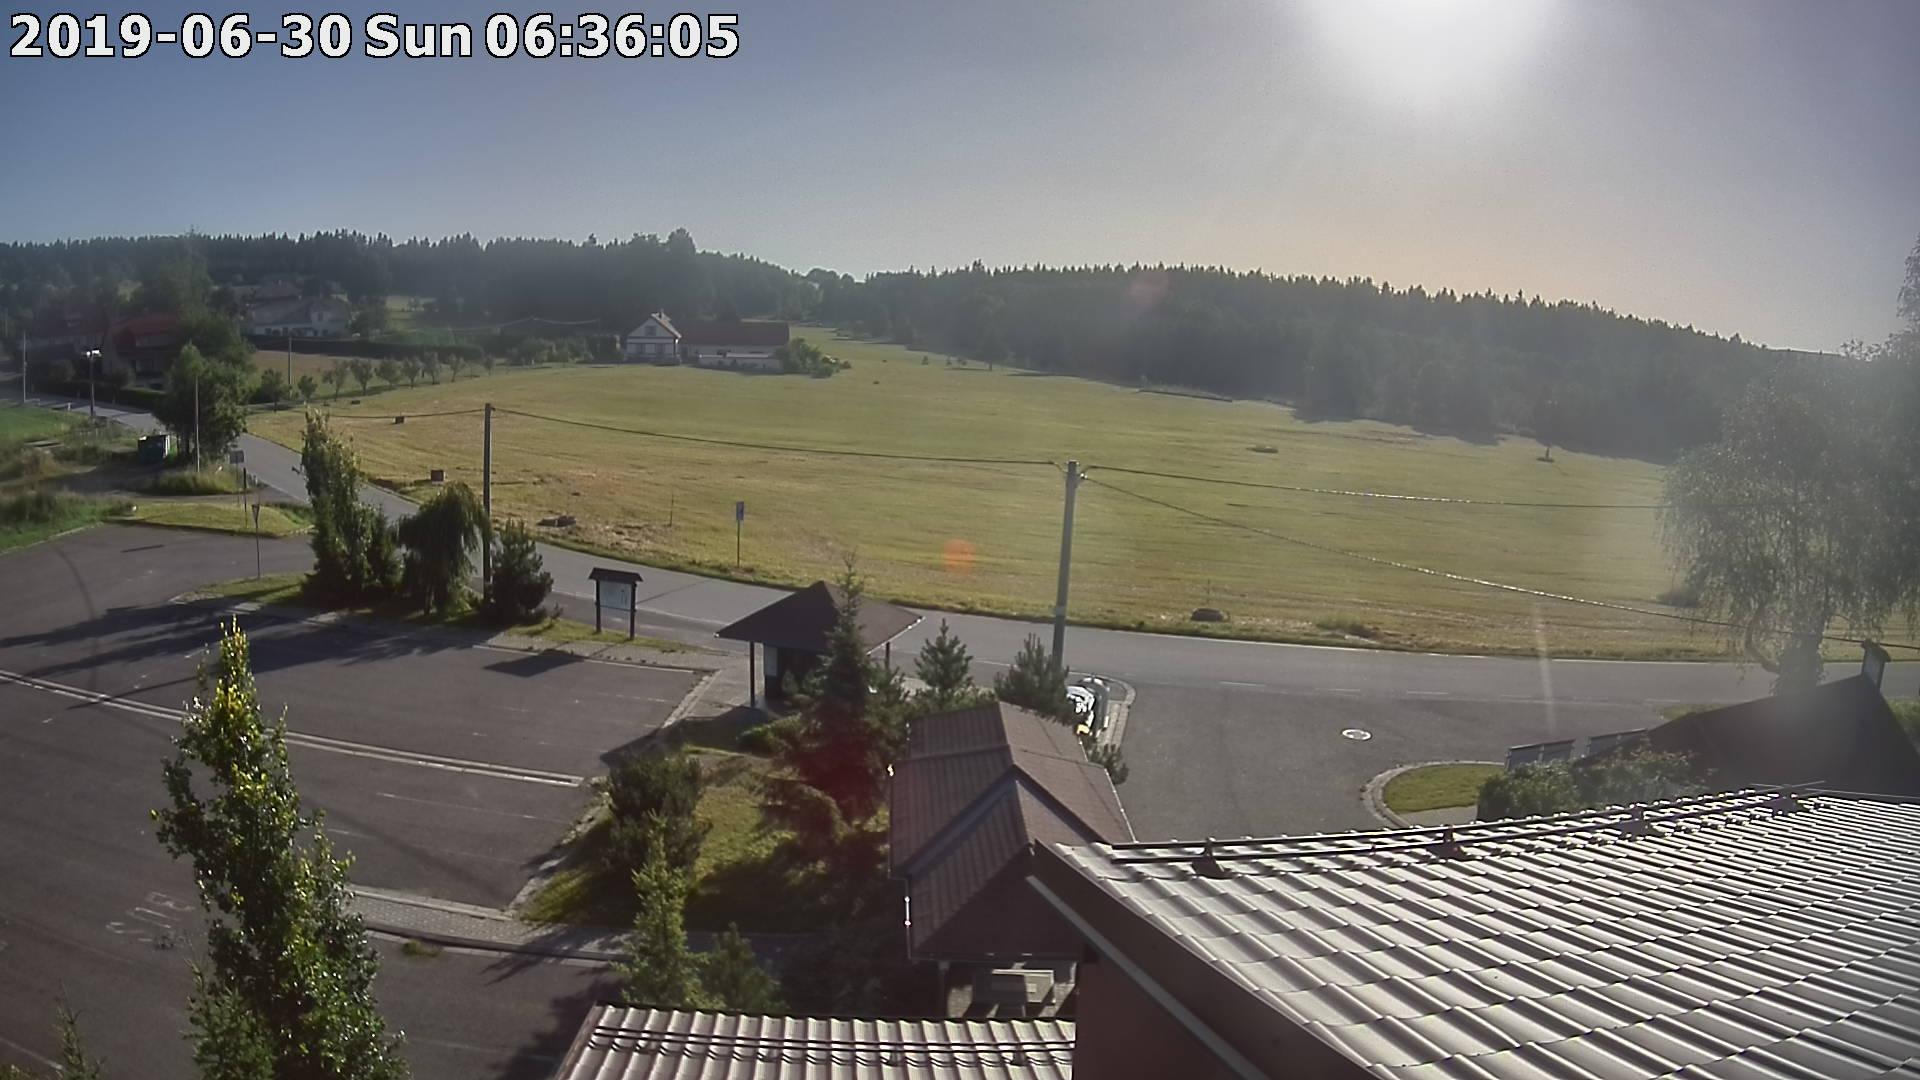 Webkamera ze dne 2019-06-30